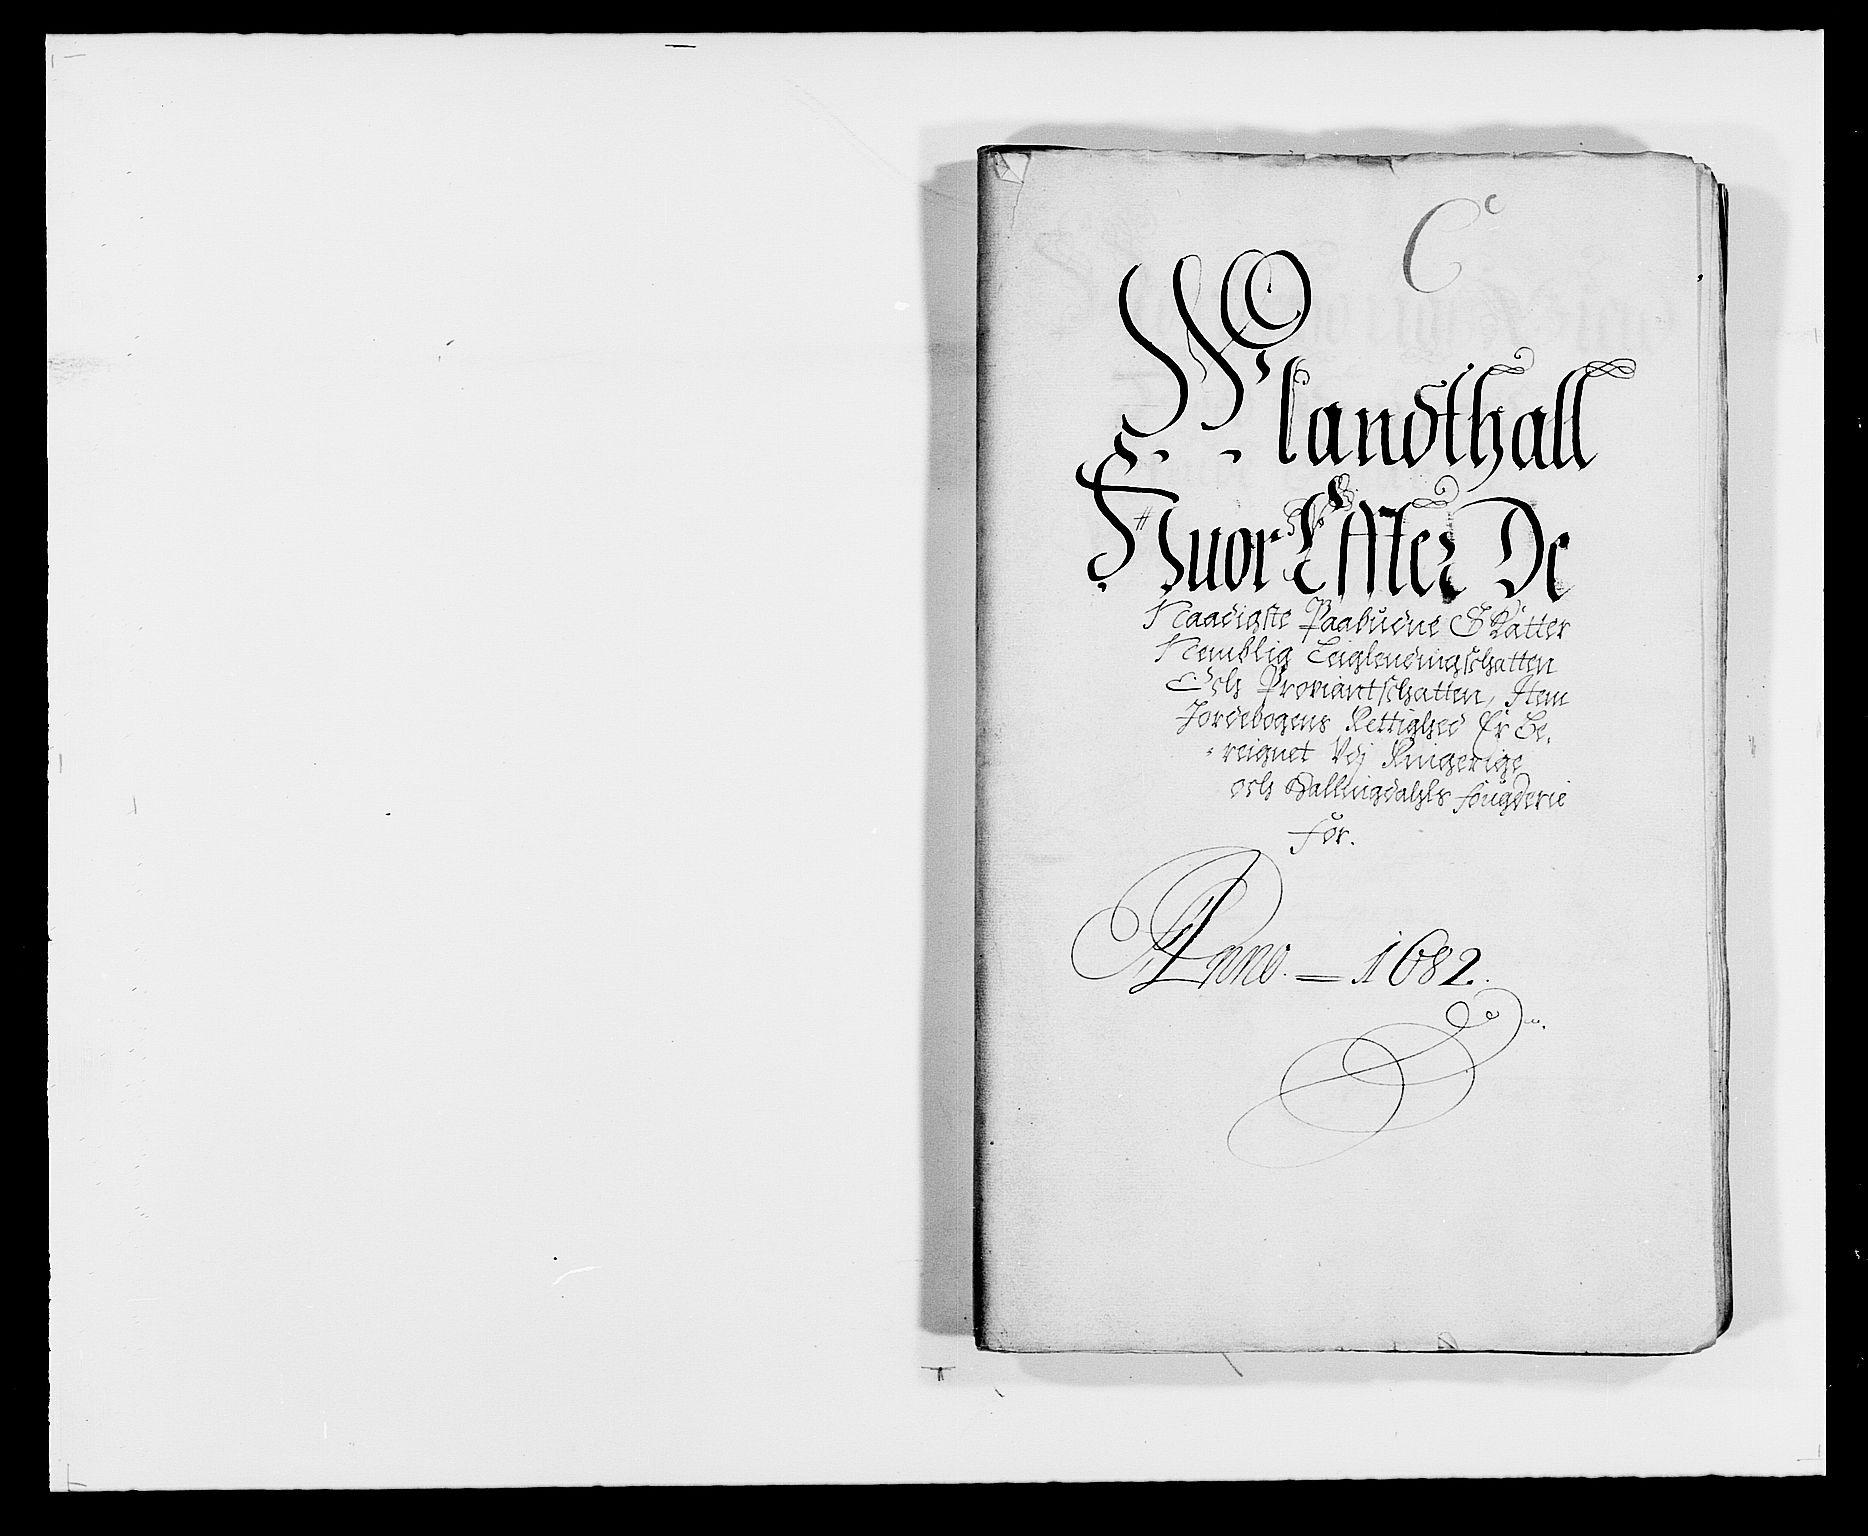 RA, Rentekammeret inntil 1814, Reviderte regnskaper, Fogderegnskap, R21/L1445: Fogderegnskap Ringerike og Hallingdal, 1681-1689, s. 239